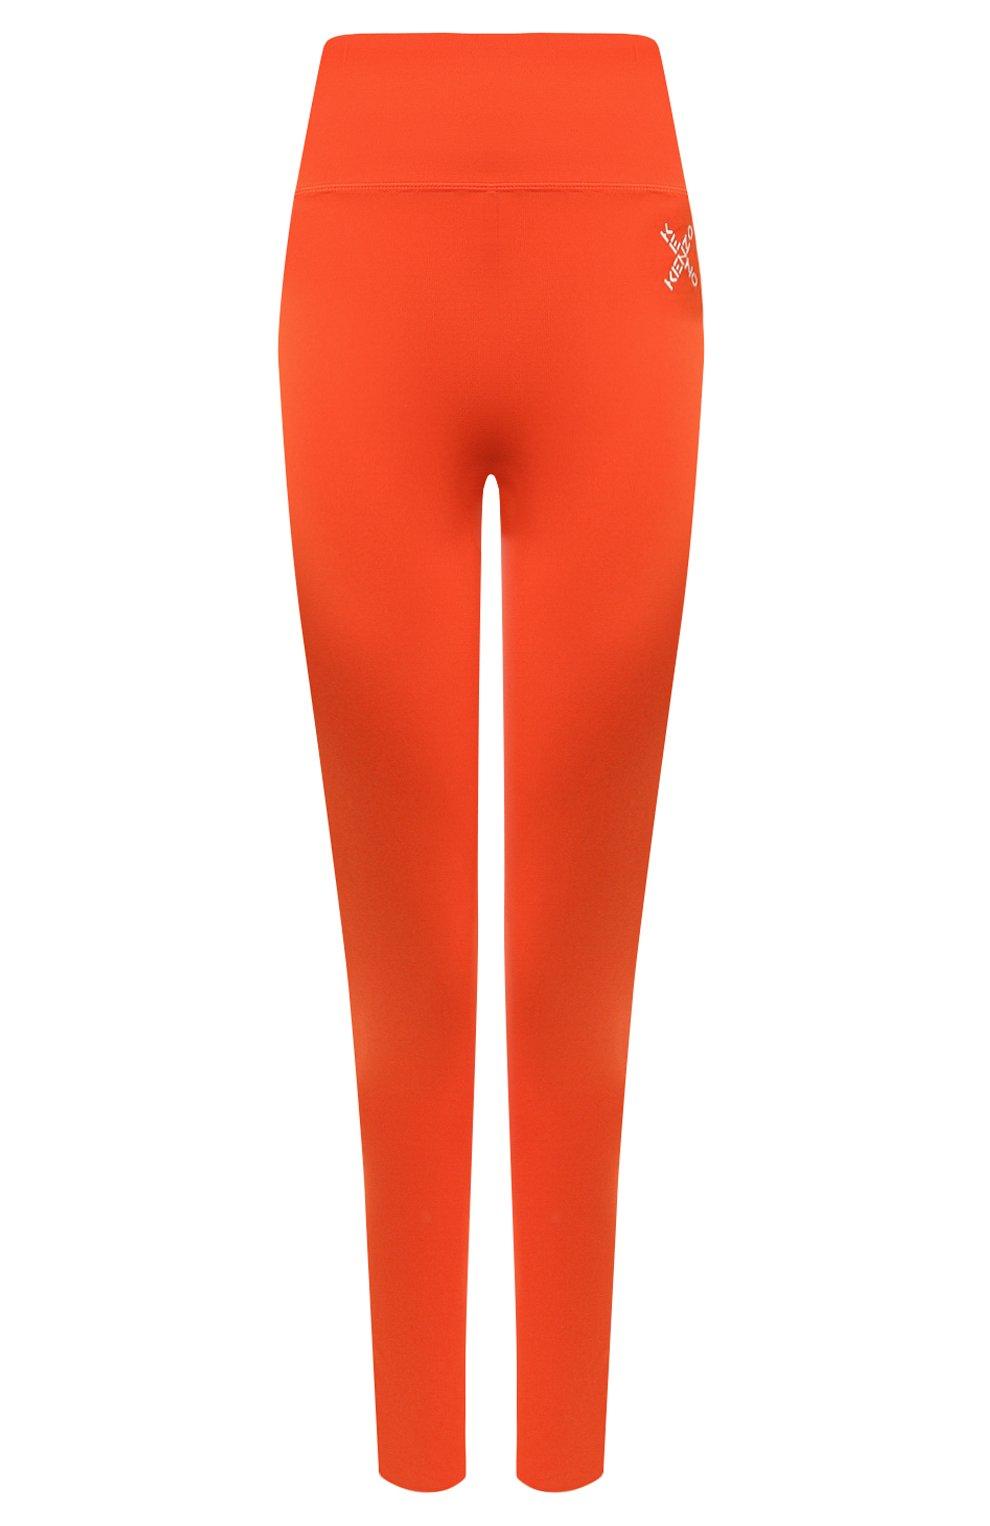 Женские леггинсы kenzo sport KENZO оранжевого цвета, арт. FA62PA7294SC   Фото 1 (Длина (брюки, джинсы): Стандартные; Материал внешний: Синтетический материал; Стили: Спорт-шик; Женское Кросс-КТ: Леггинсы-спорт)